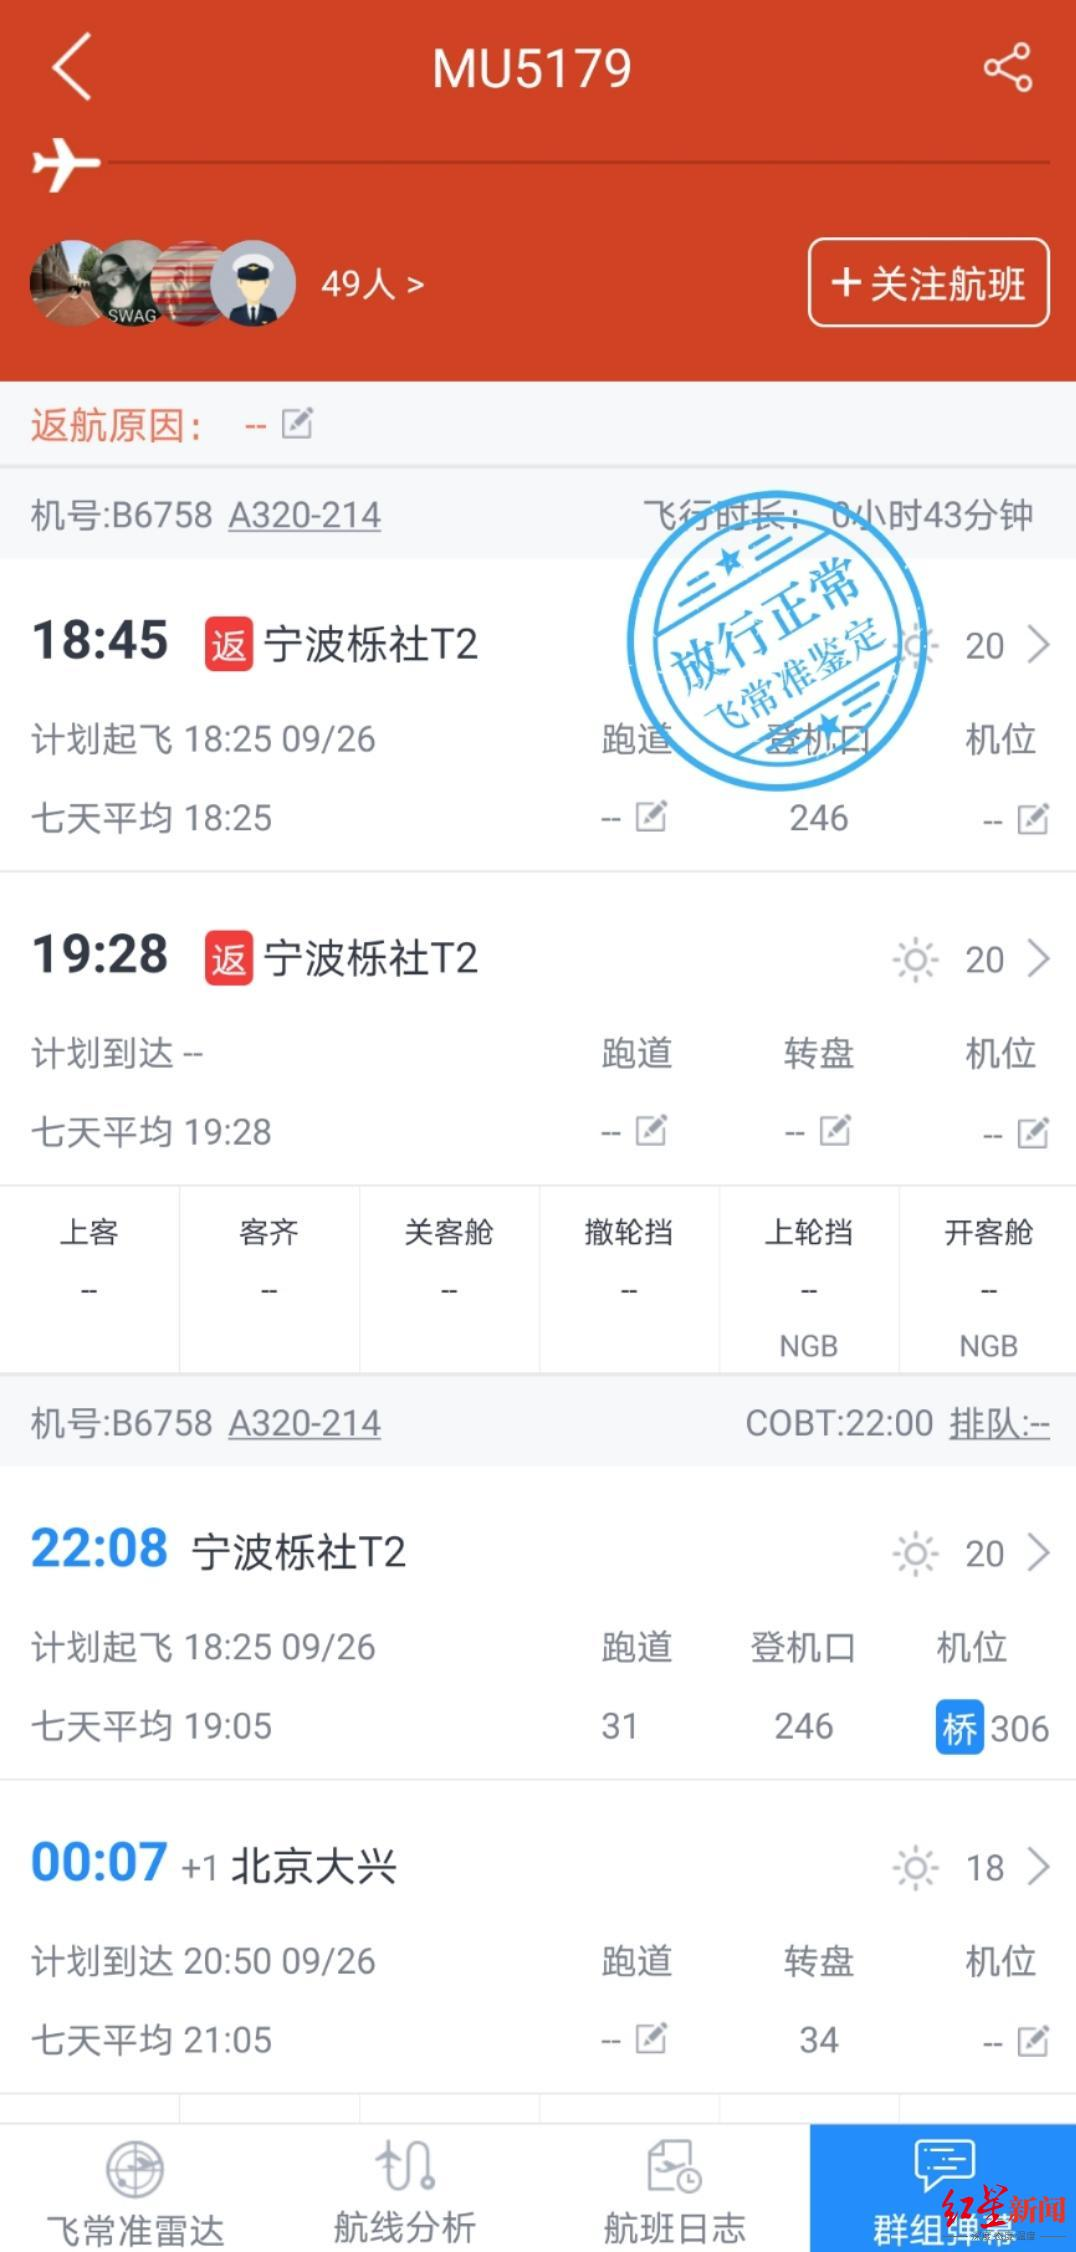 宁波飞北京一航班返航,客服称是因外部原因 红星新闻 2020-09-26 22:16:46 9月26日,有网友表示,东航MU5179航班在飞行过程中,飞机被鸟撞击,现已返航。  红星新闻根据飞常准业内